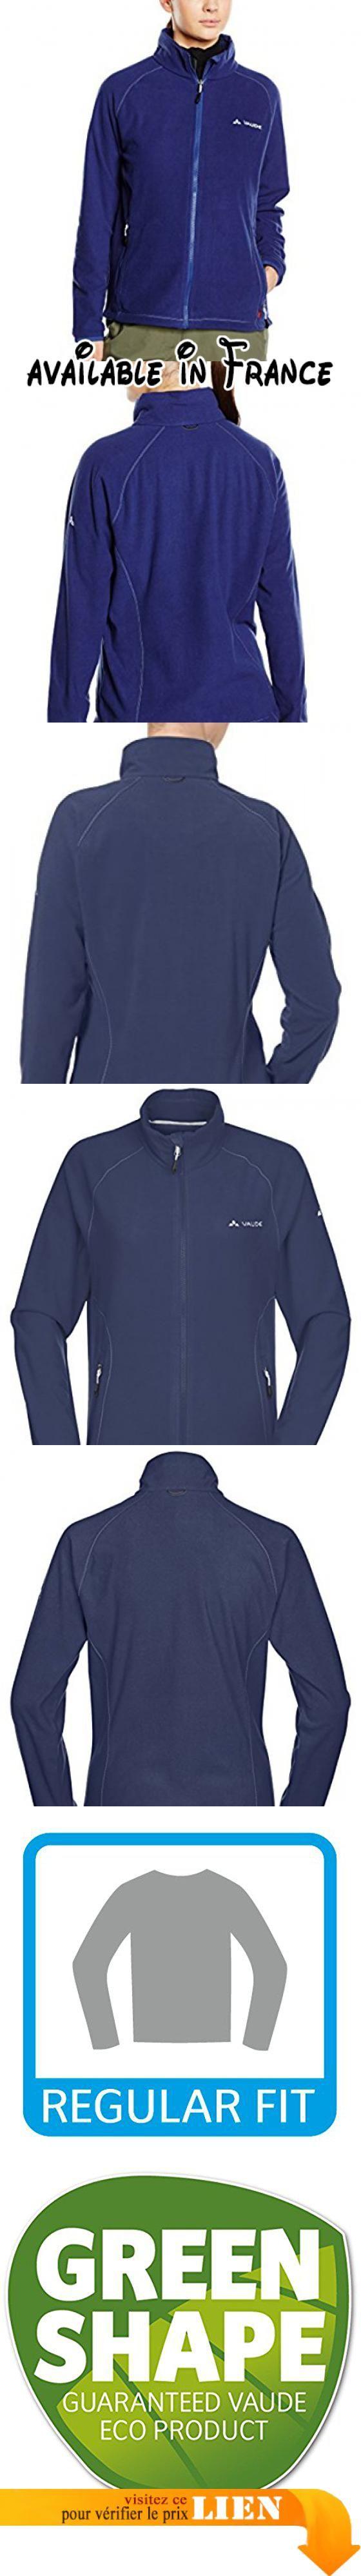 Vaude - Smaland Veste - Femme - Bleu (sailor blue) - Taille: 38 (Taille Fabricant: S). 100 % polaire.. Fermeture à glissière à l'avant.. 2 poches avant.. Col relevable.. Cordon de serrage à la taille ajustable par l'intérieur des poches. #Sports #SPORTING_GOODS